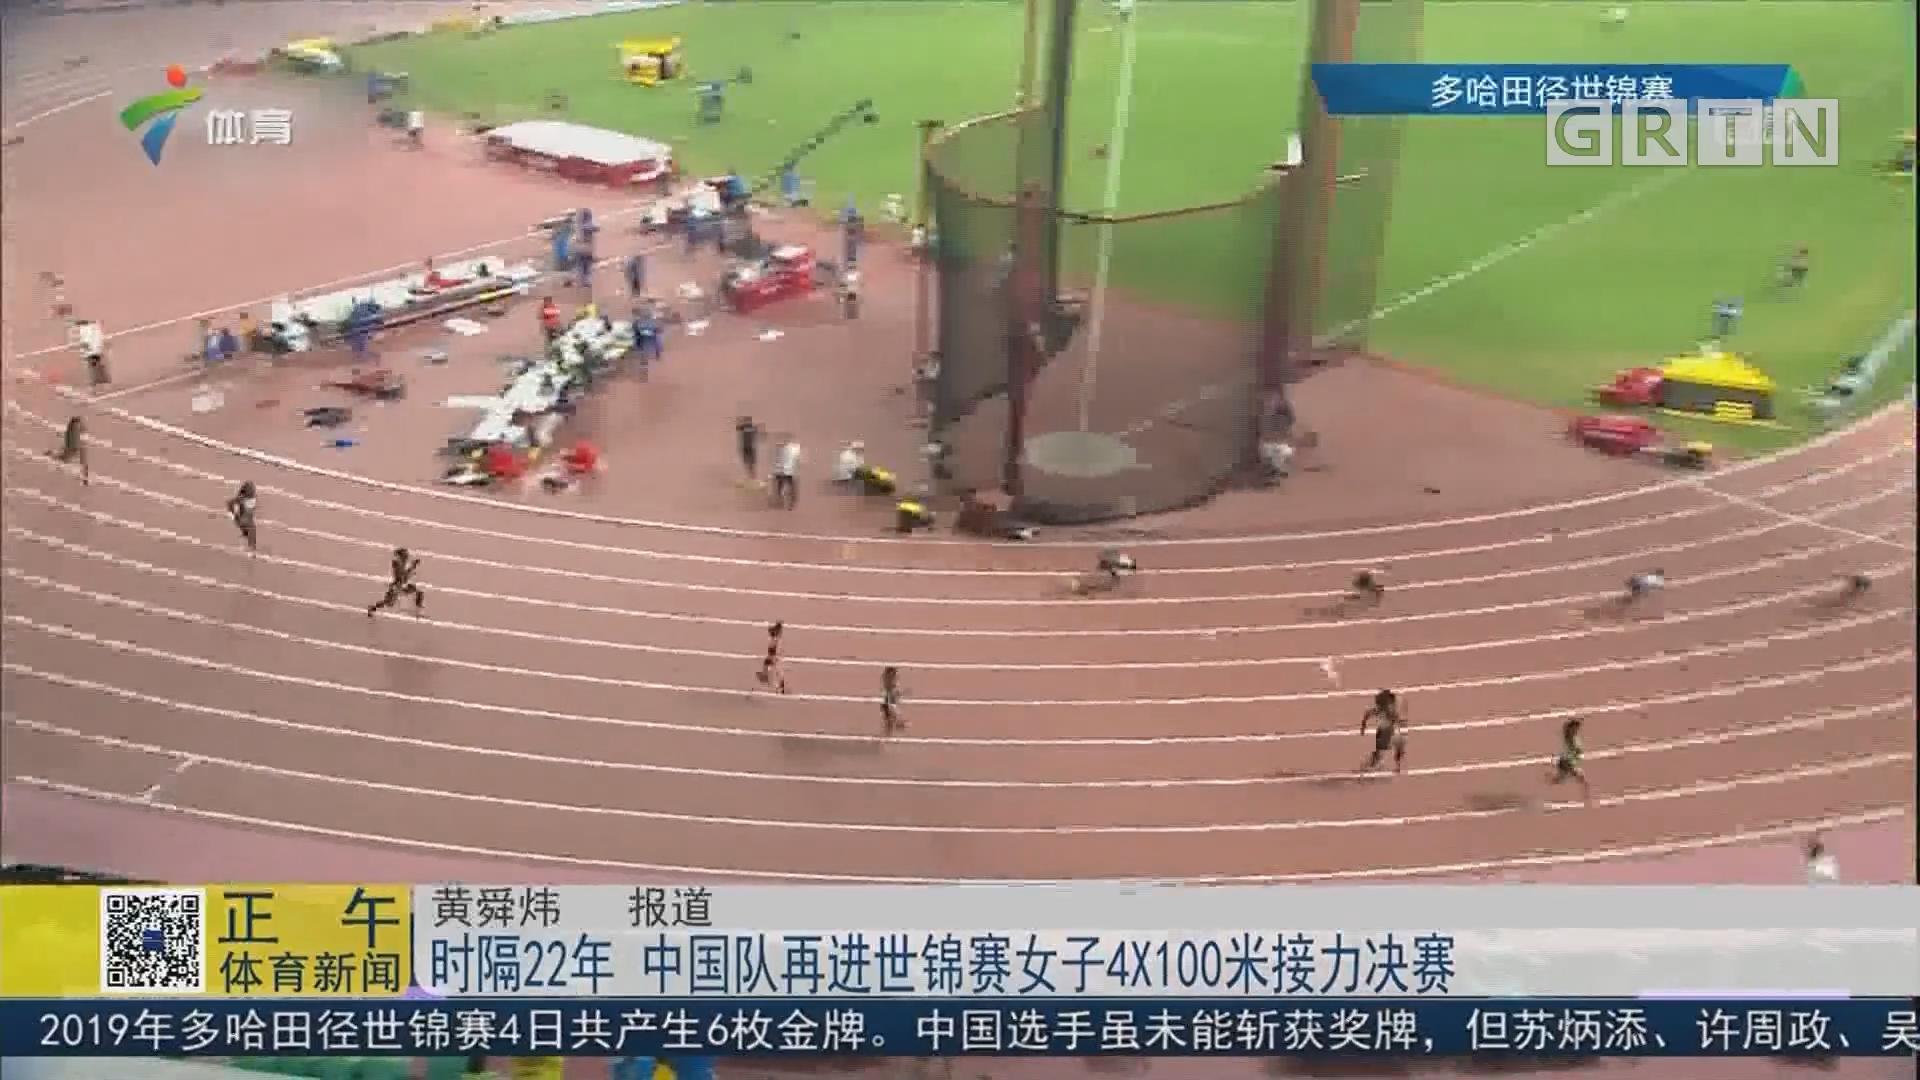 时隔22年 中国队再进世锦赛女子4X100米接力决赛